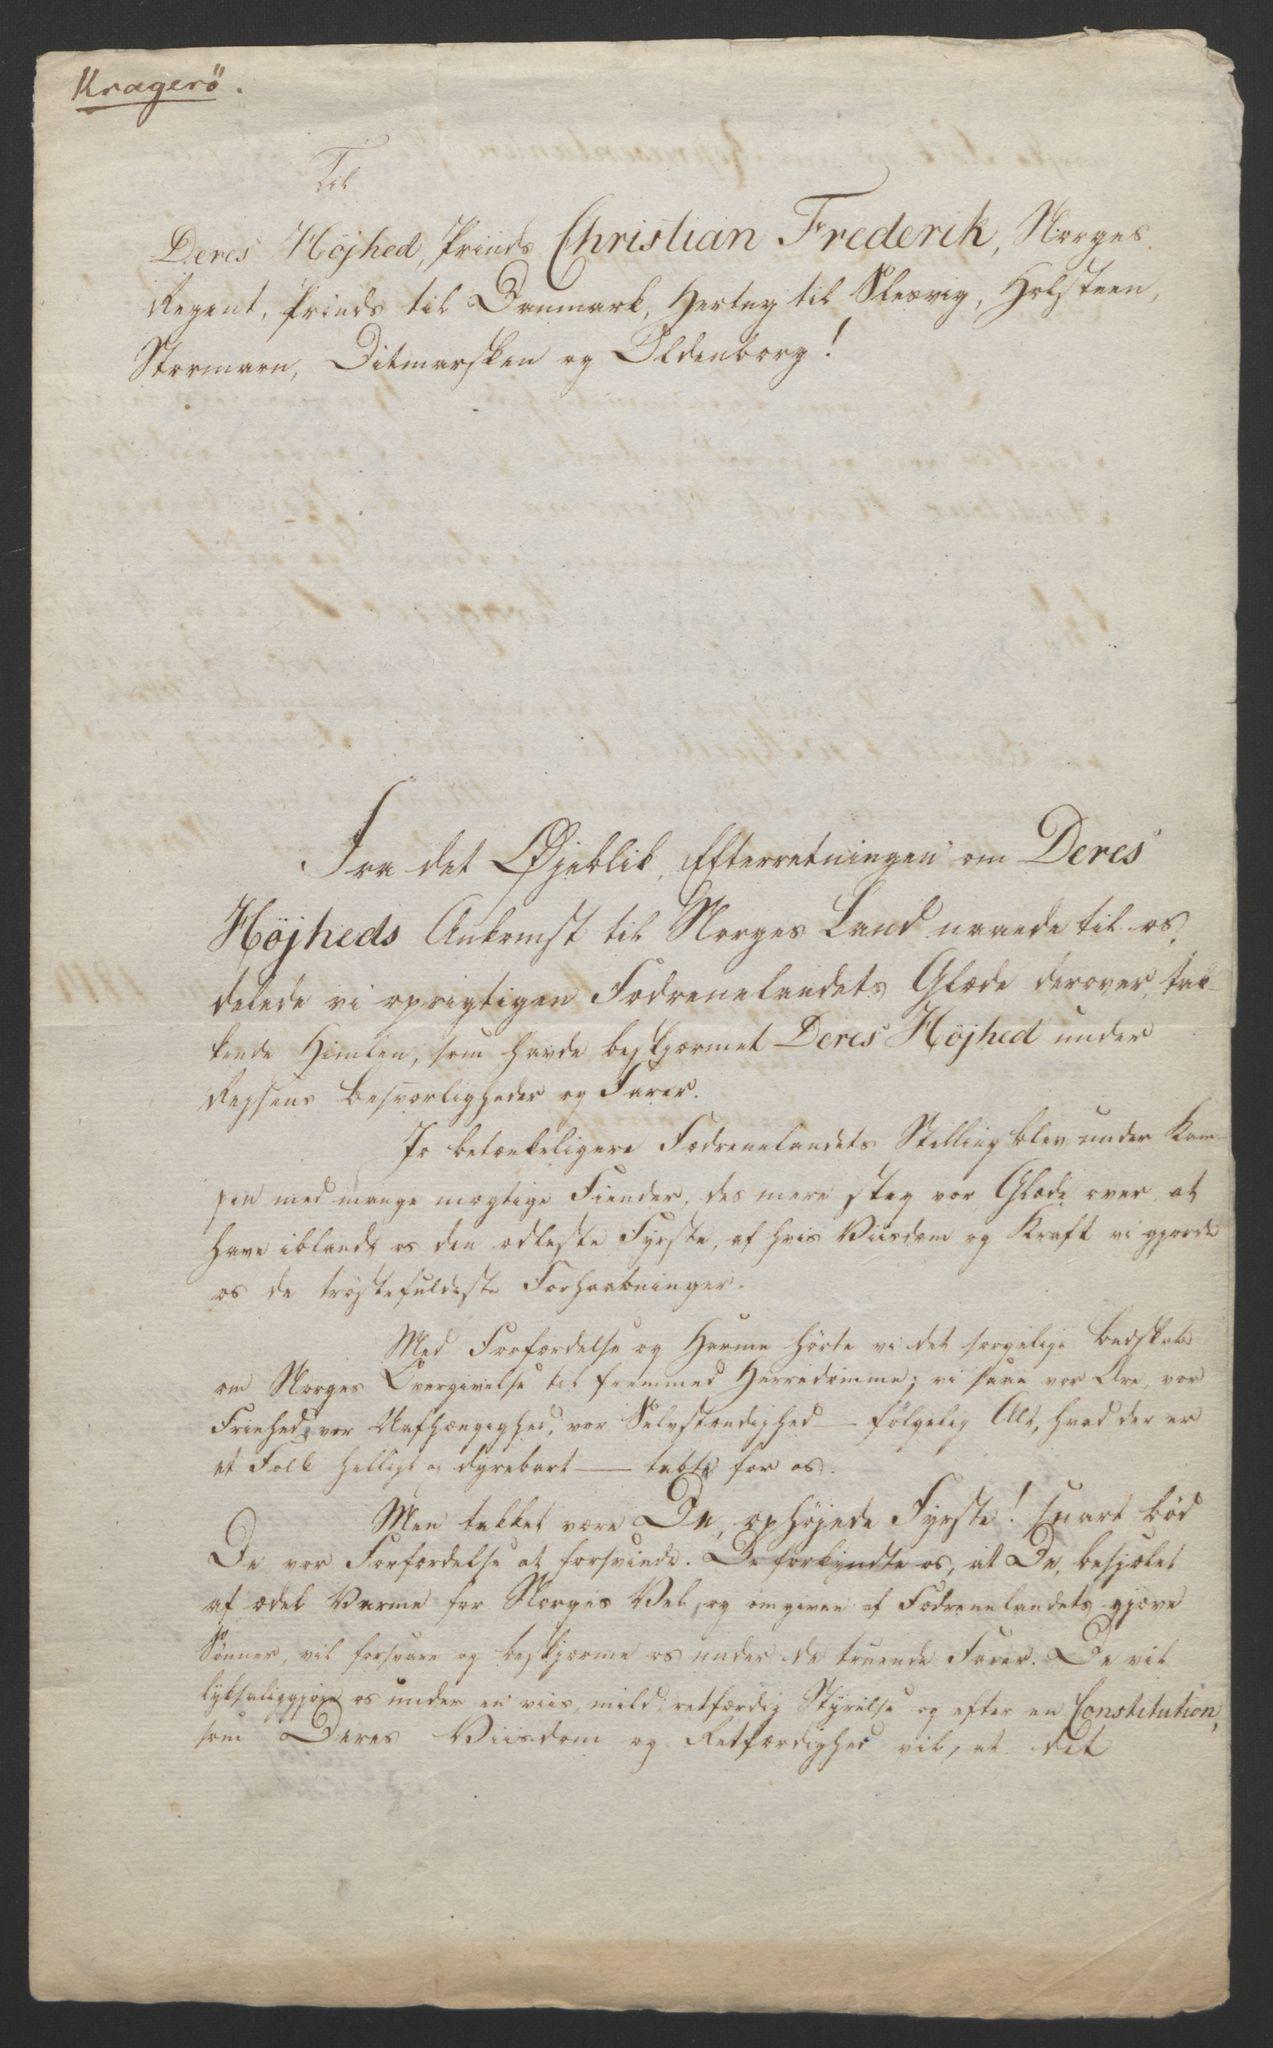 RA, Statsrådssekretariatet, D/Db/L0007: Fullmakter for Eidsvollsrepresentantene i 1814. , 1814, s. 22